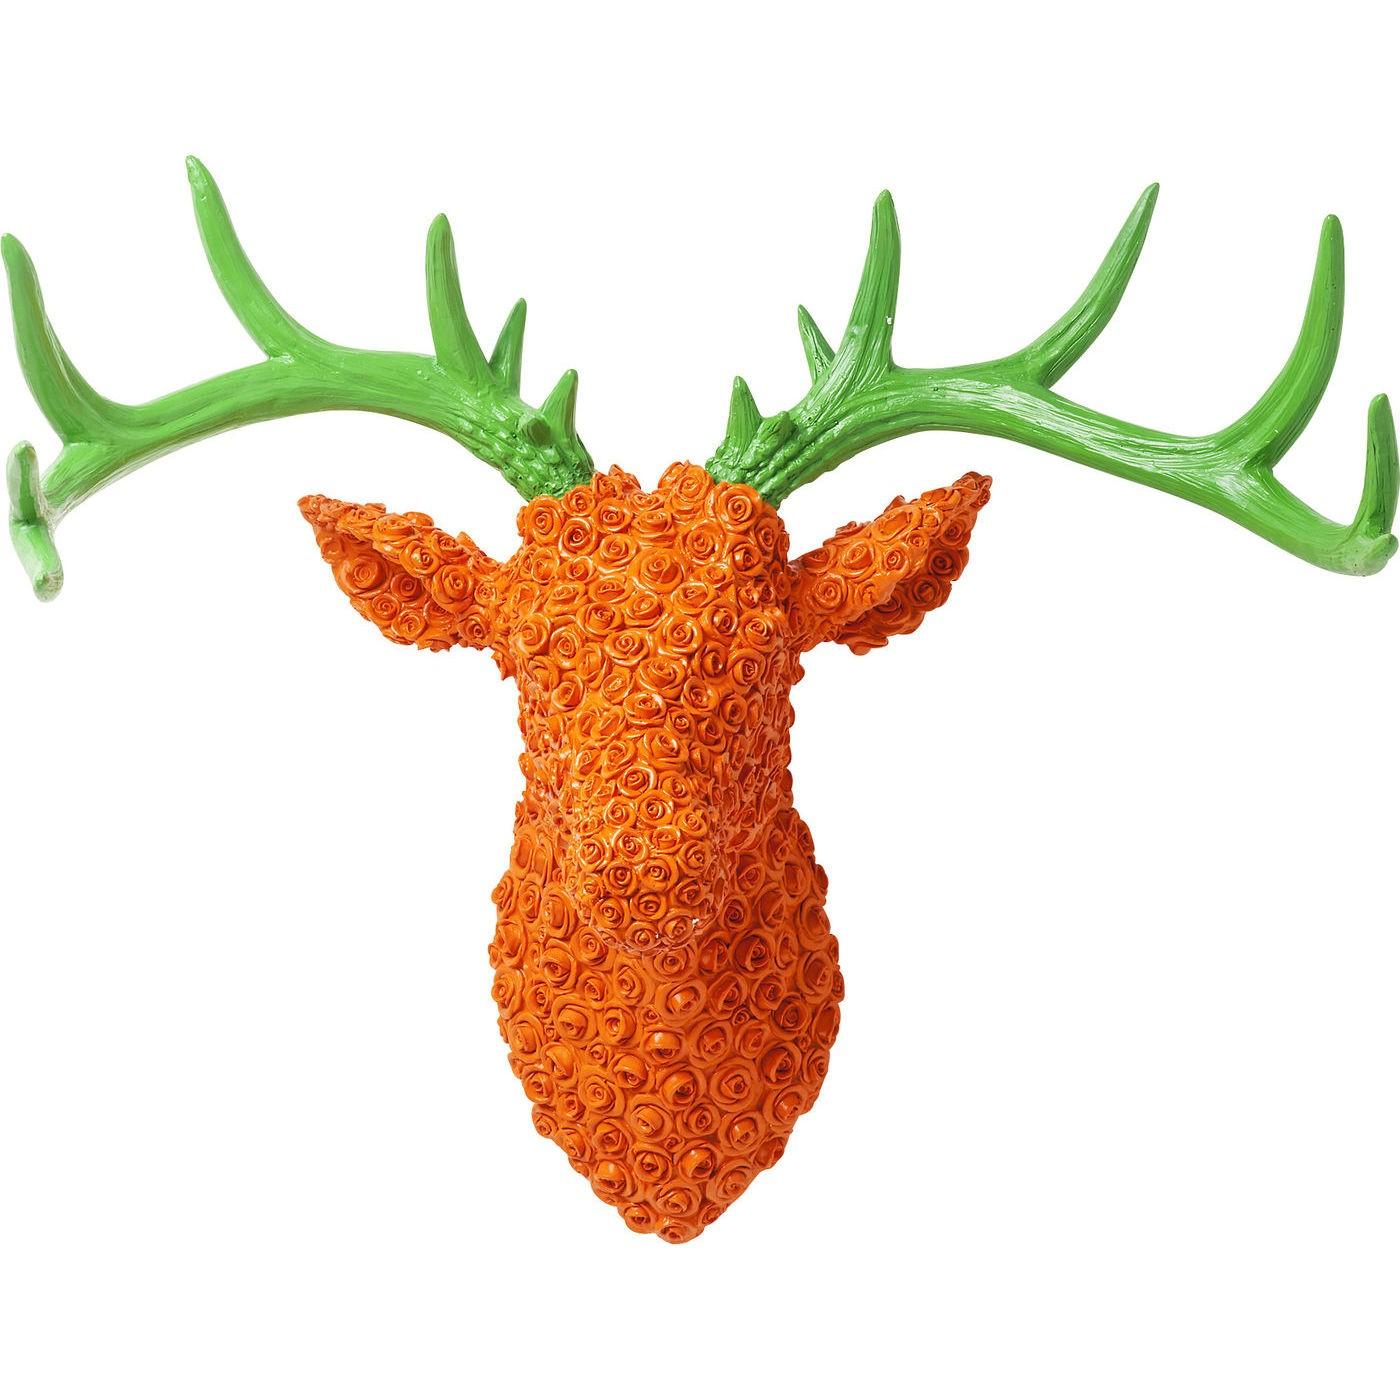 Billede af Vægdekoration Antler Deer Roses Orange Grøn